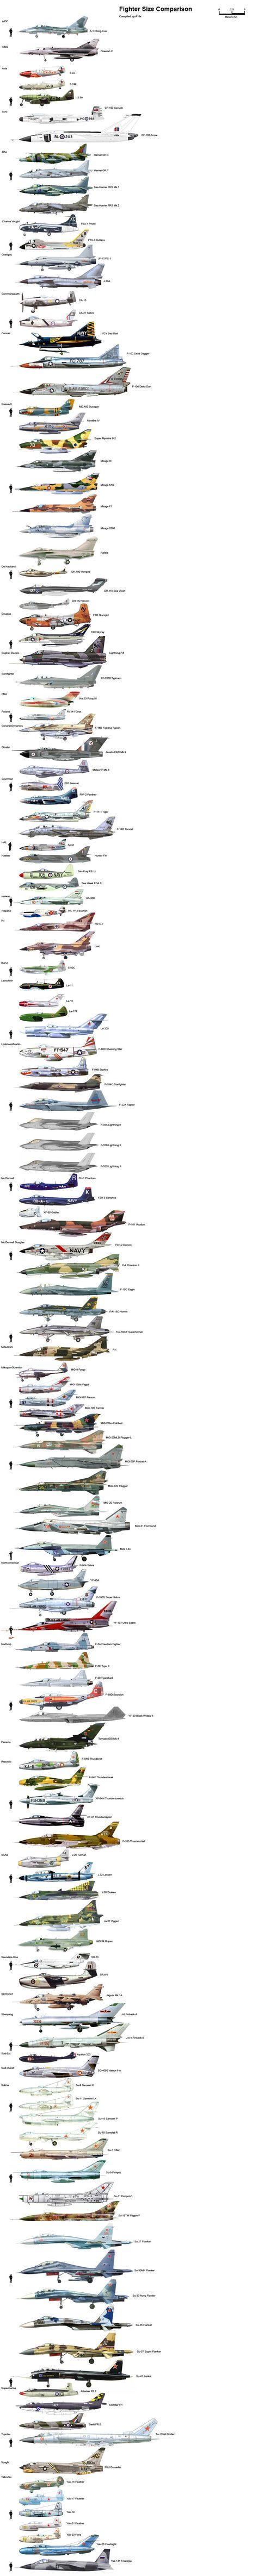 Comparatifs de la taille d'avions de chasse et d'hélicoptères - La boi...